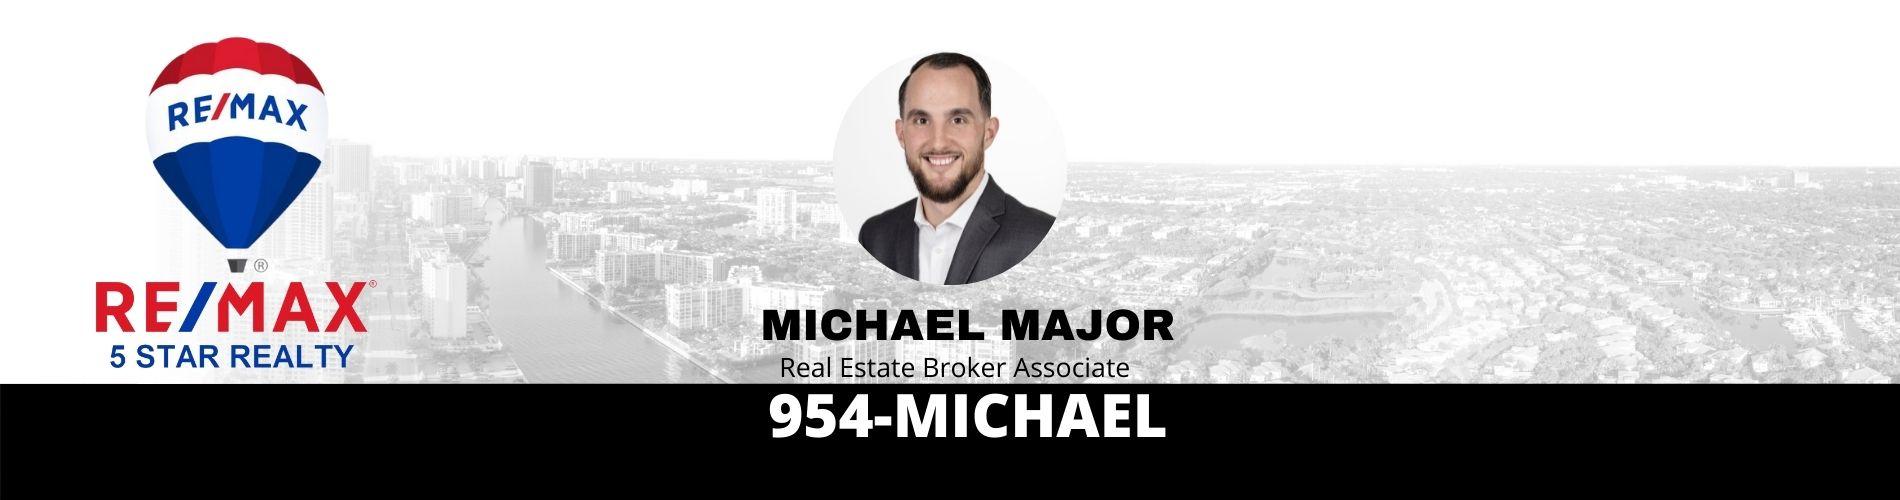 MICHAEL MAJOR REAL ESTATE 954-MICHAEL